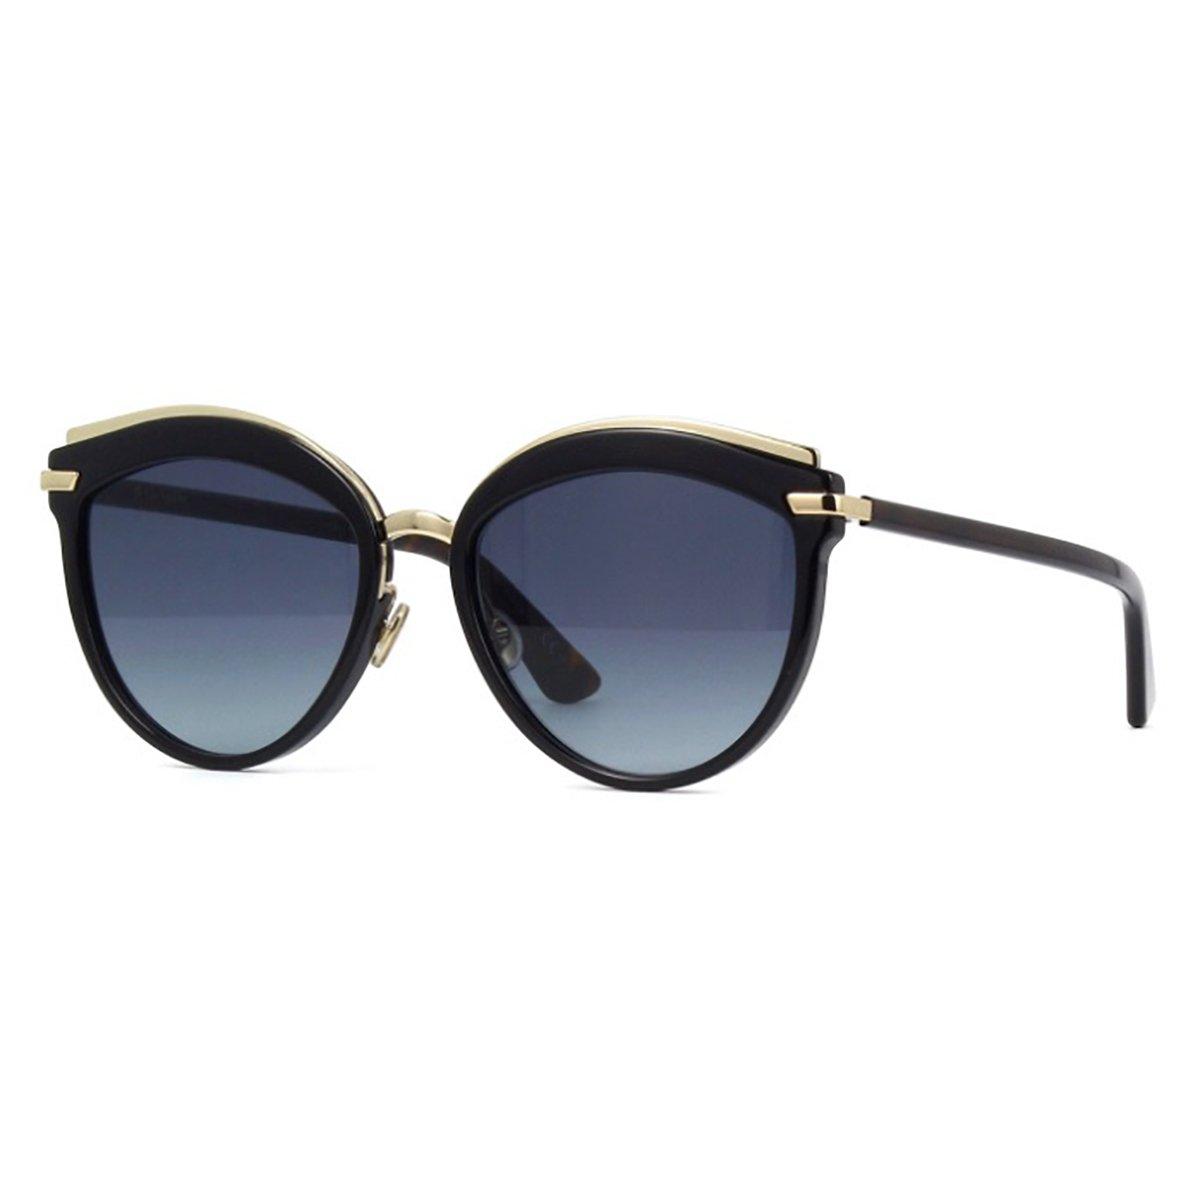 be5b93ea42ece Compre Óculos de Sol Dior Offset 2 em 10X